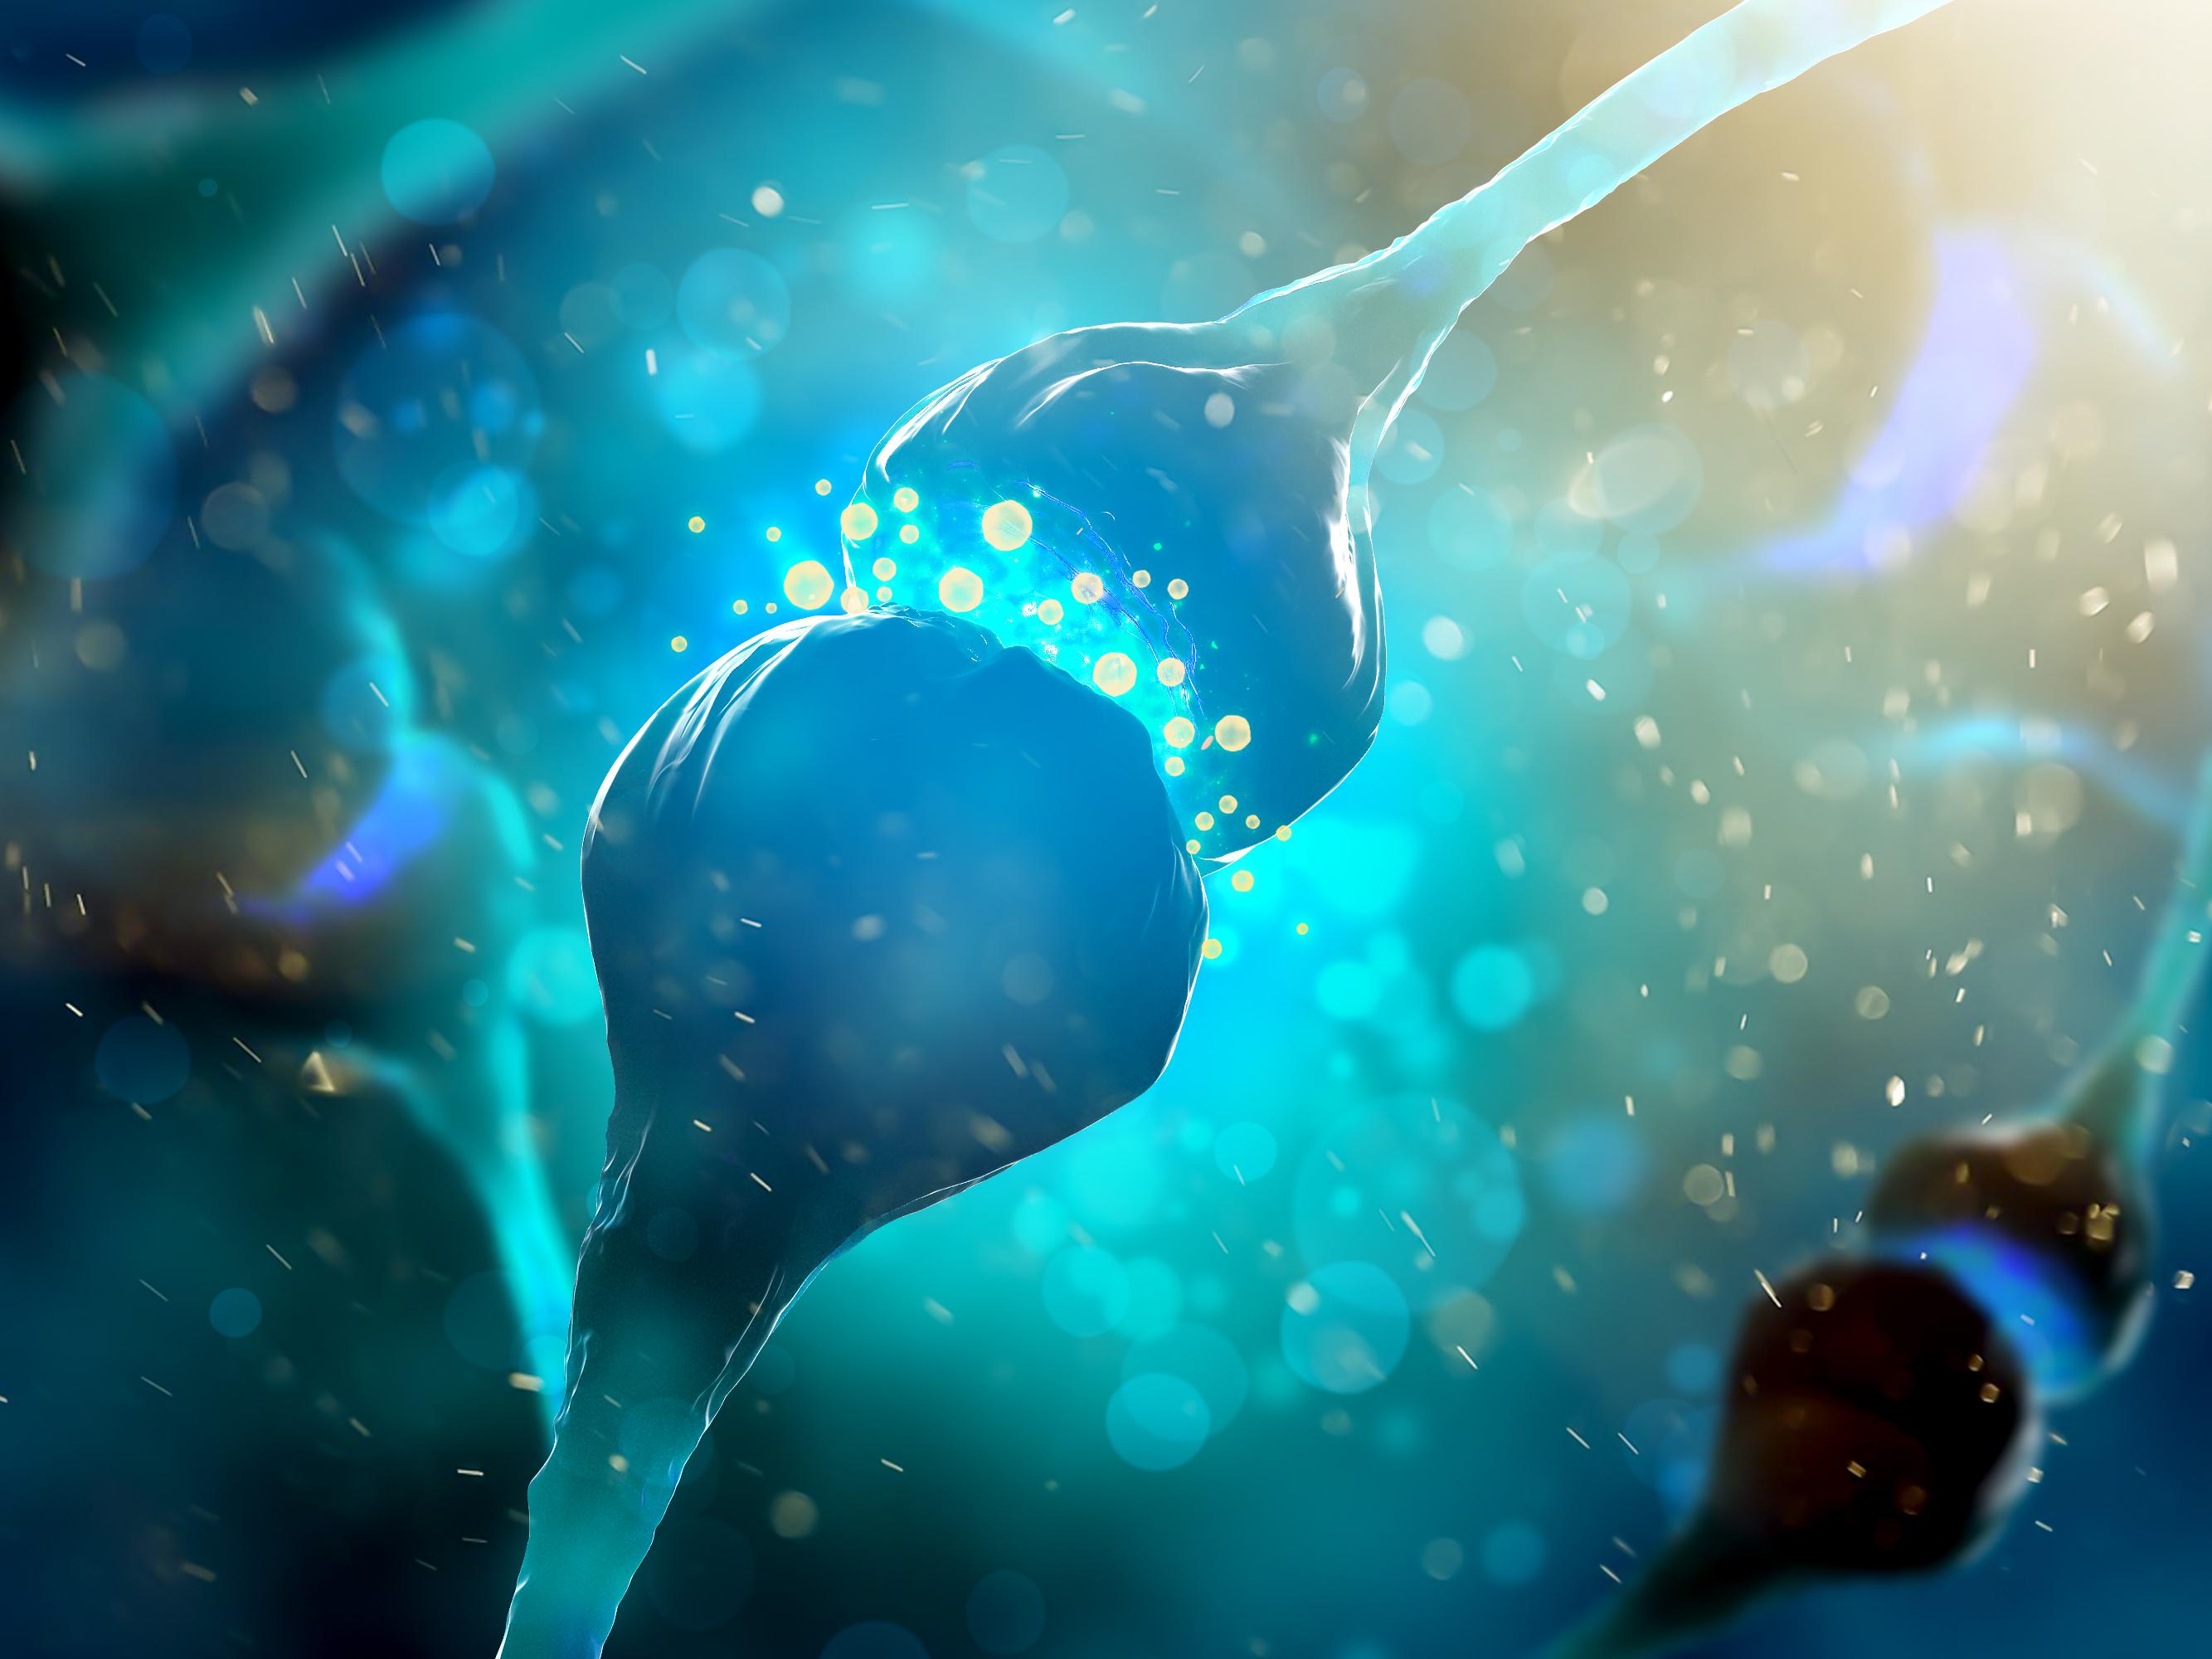 Neurons, nerve cells